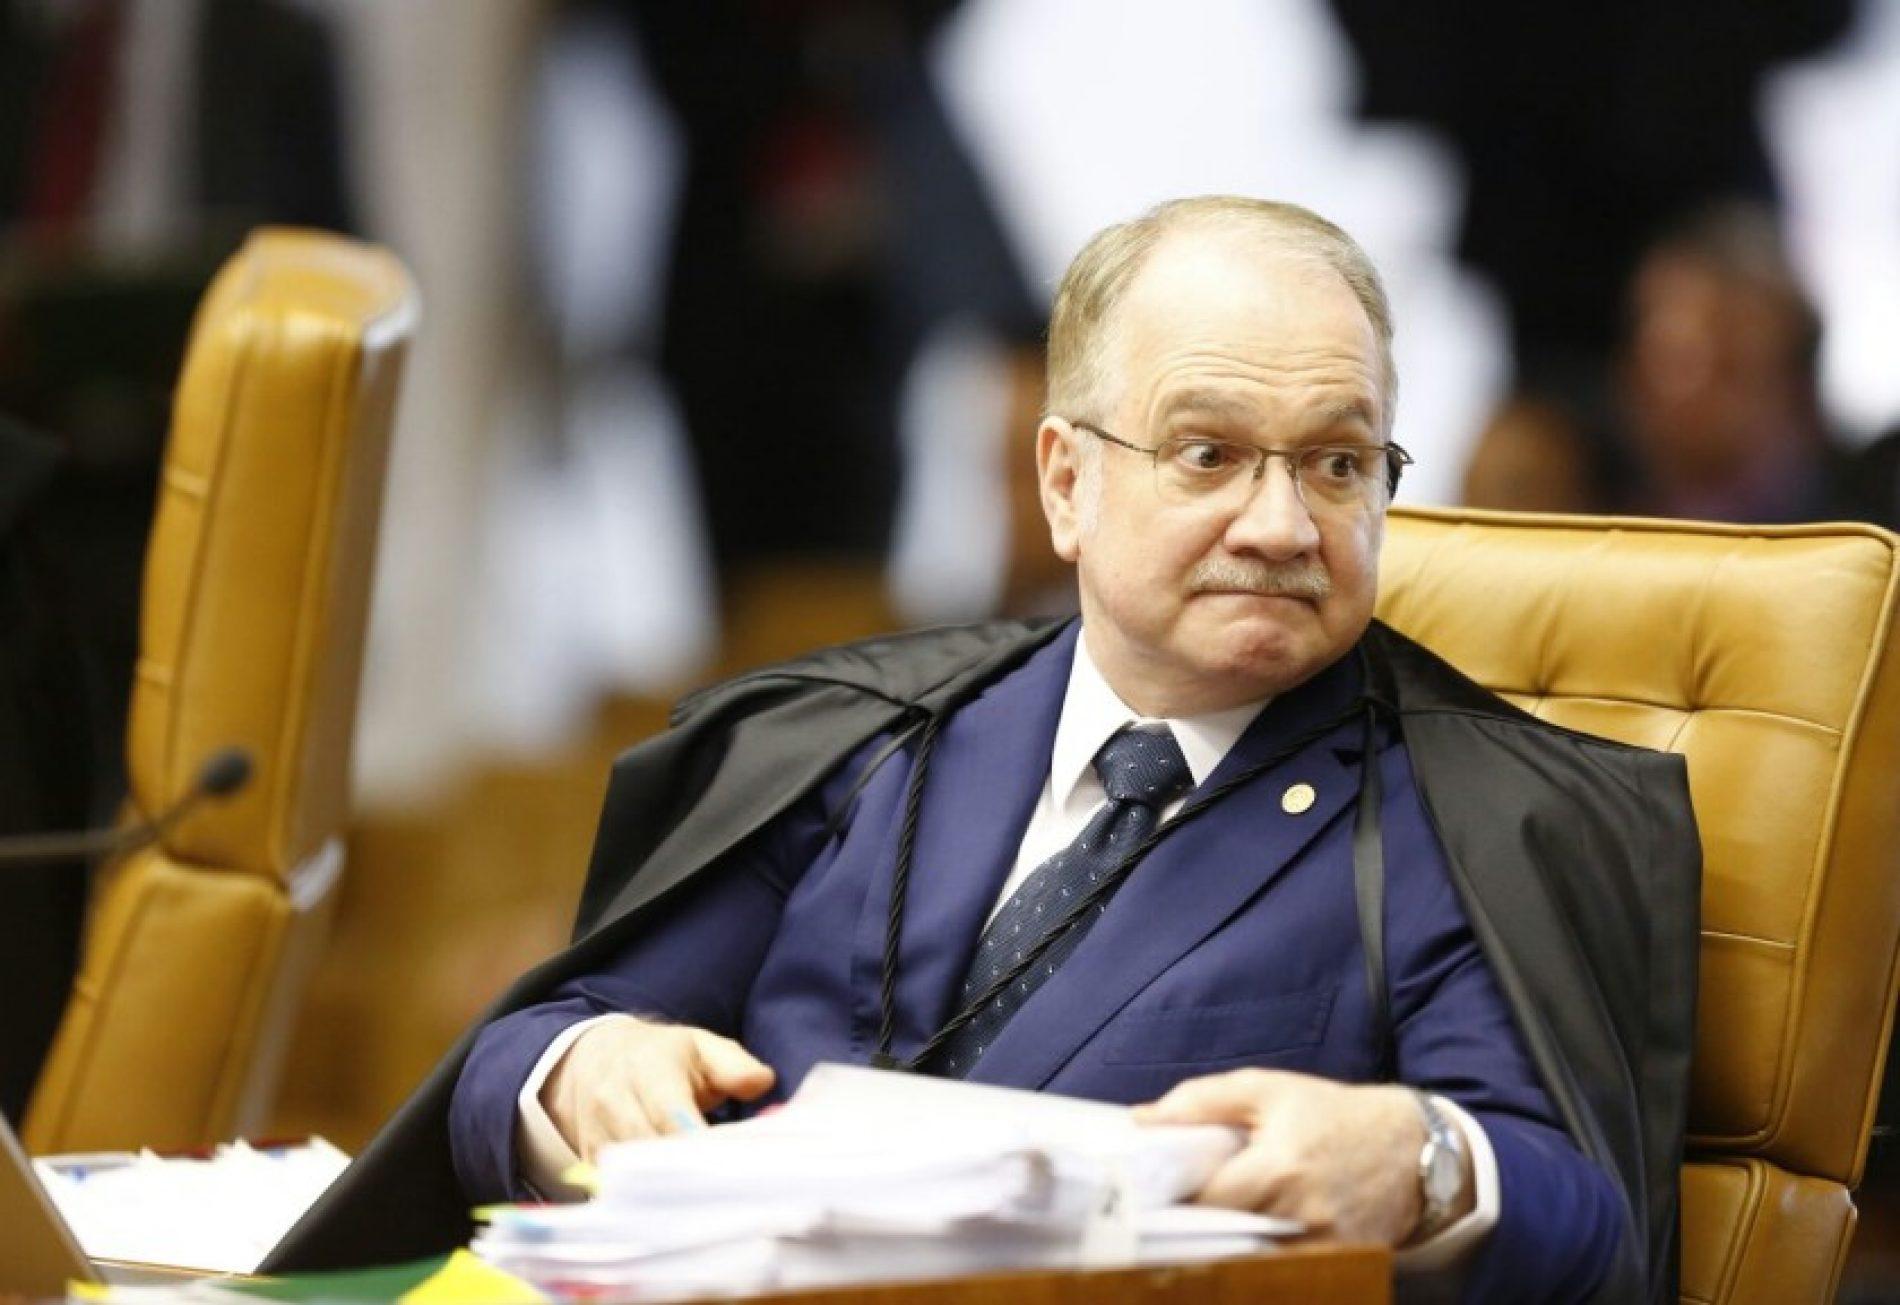 Ministros do STF divergem sobre imunidade de deputados estaduais